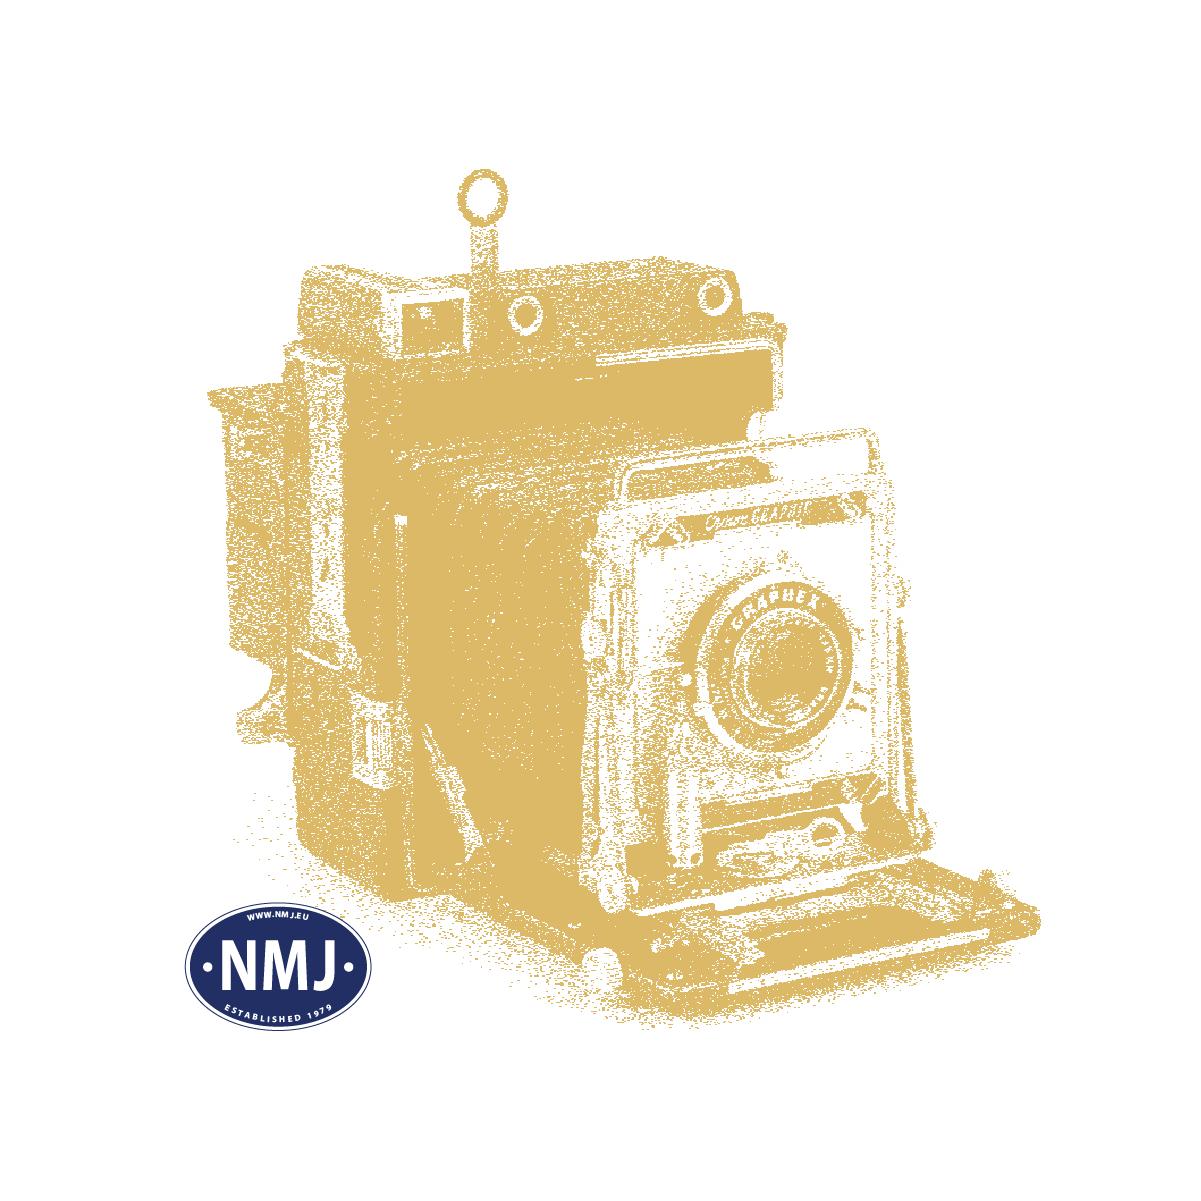 NMJS21b225 - NMJ Superline Modell der NSB Schlepptenderlok Type 21b 225 Museumslok